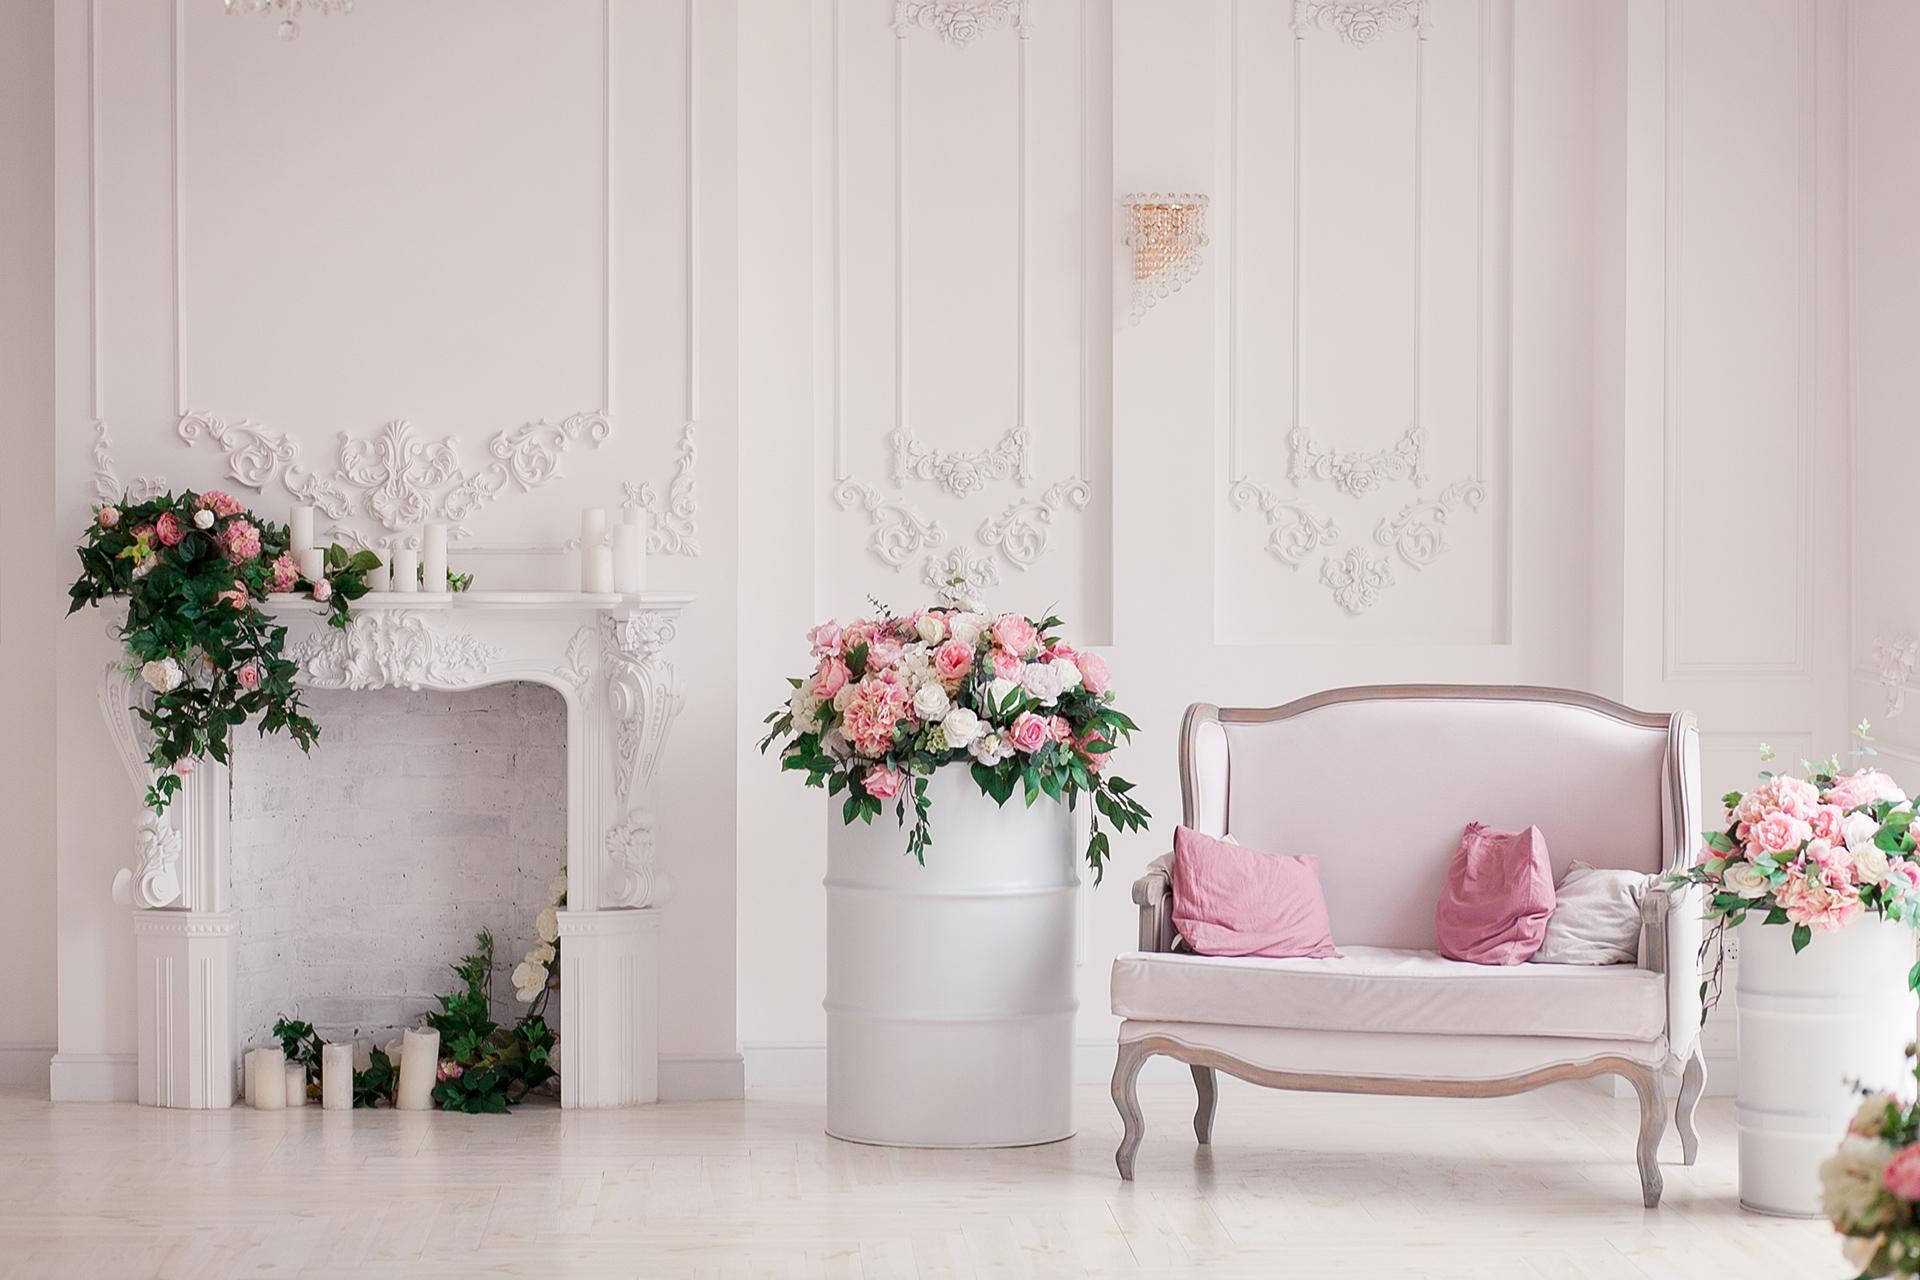 Tendance décoration 2020 : 6 idées à adopter